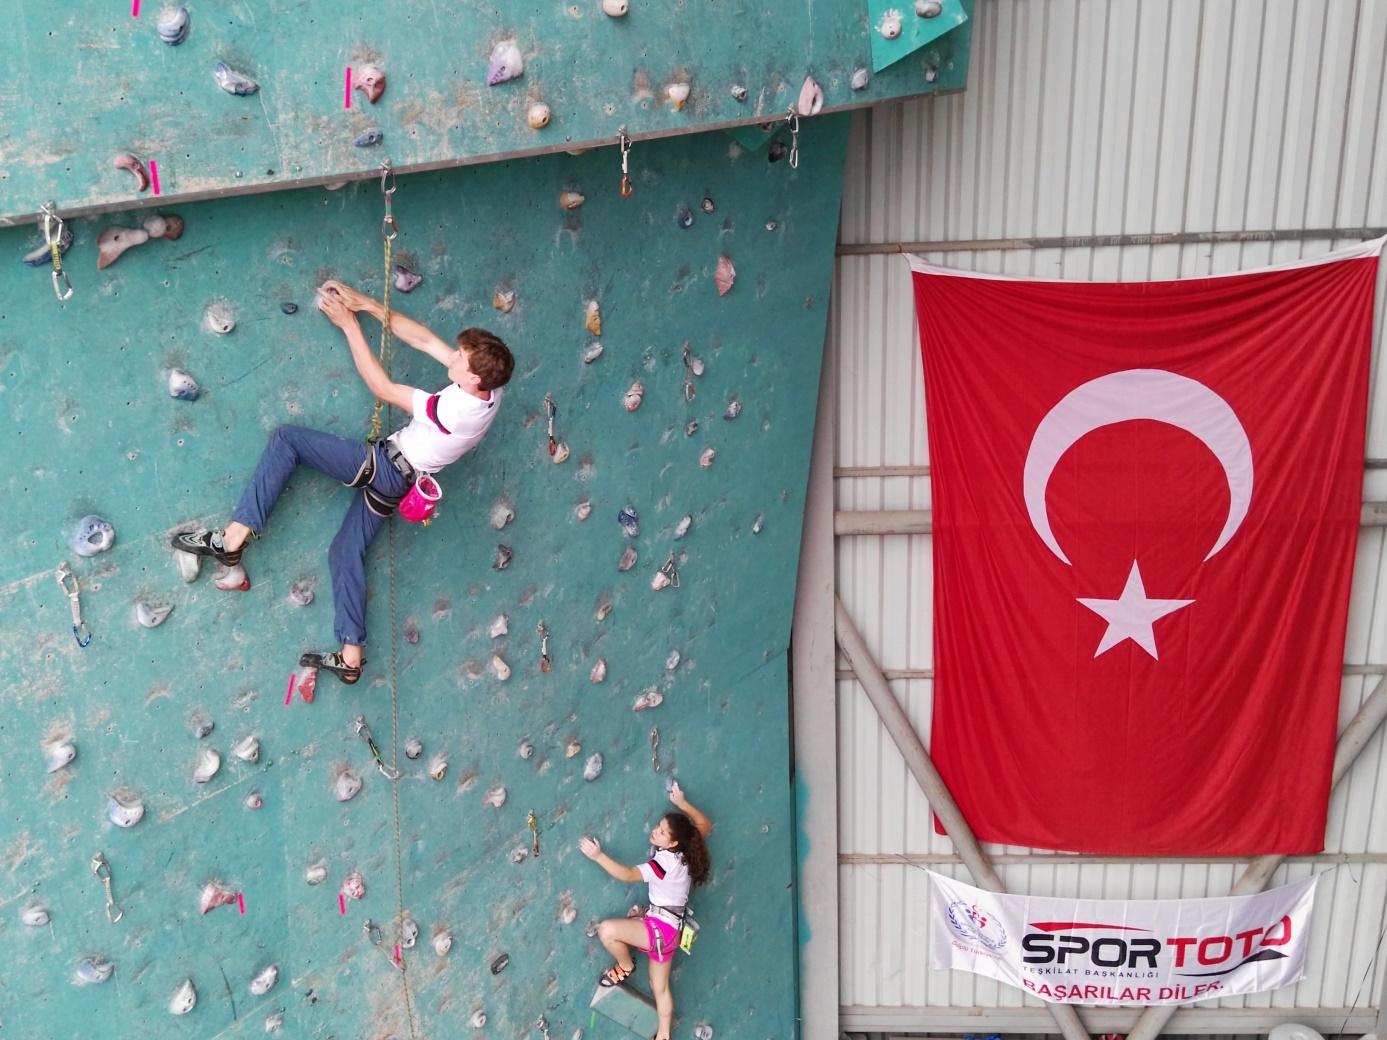 Spor Tırmanış İleri Seviye Eğitimi - Rize Başvuruları